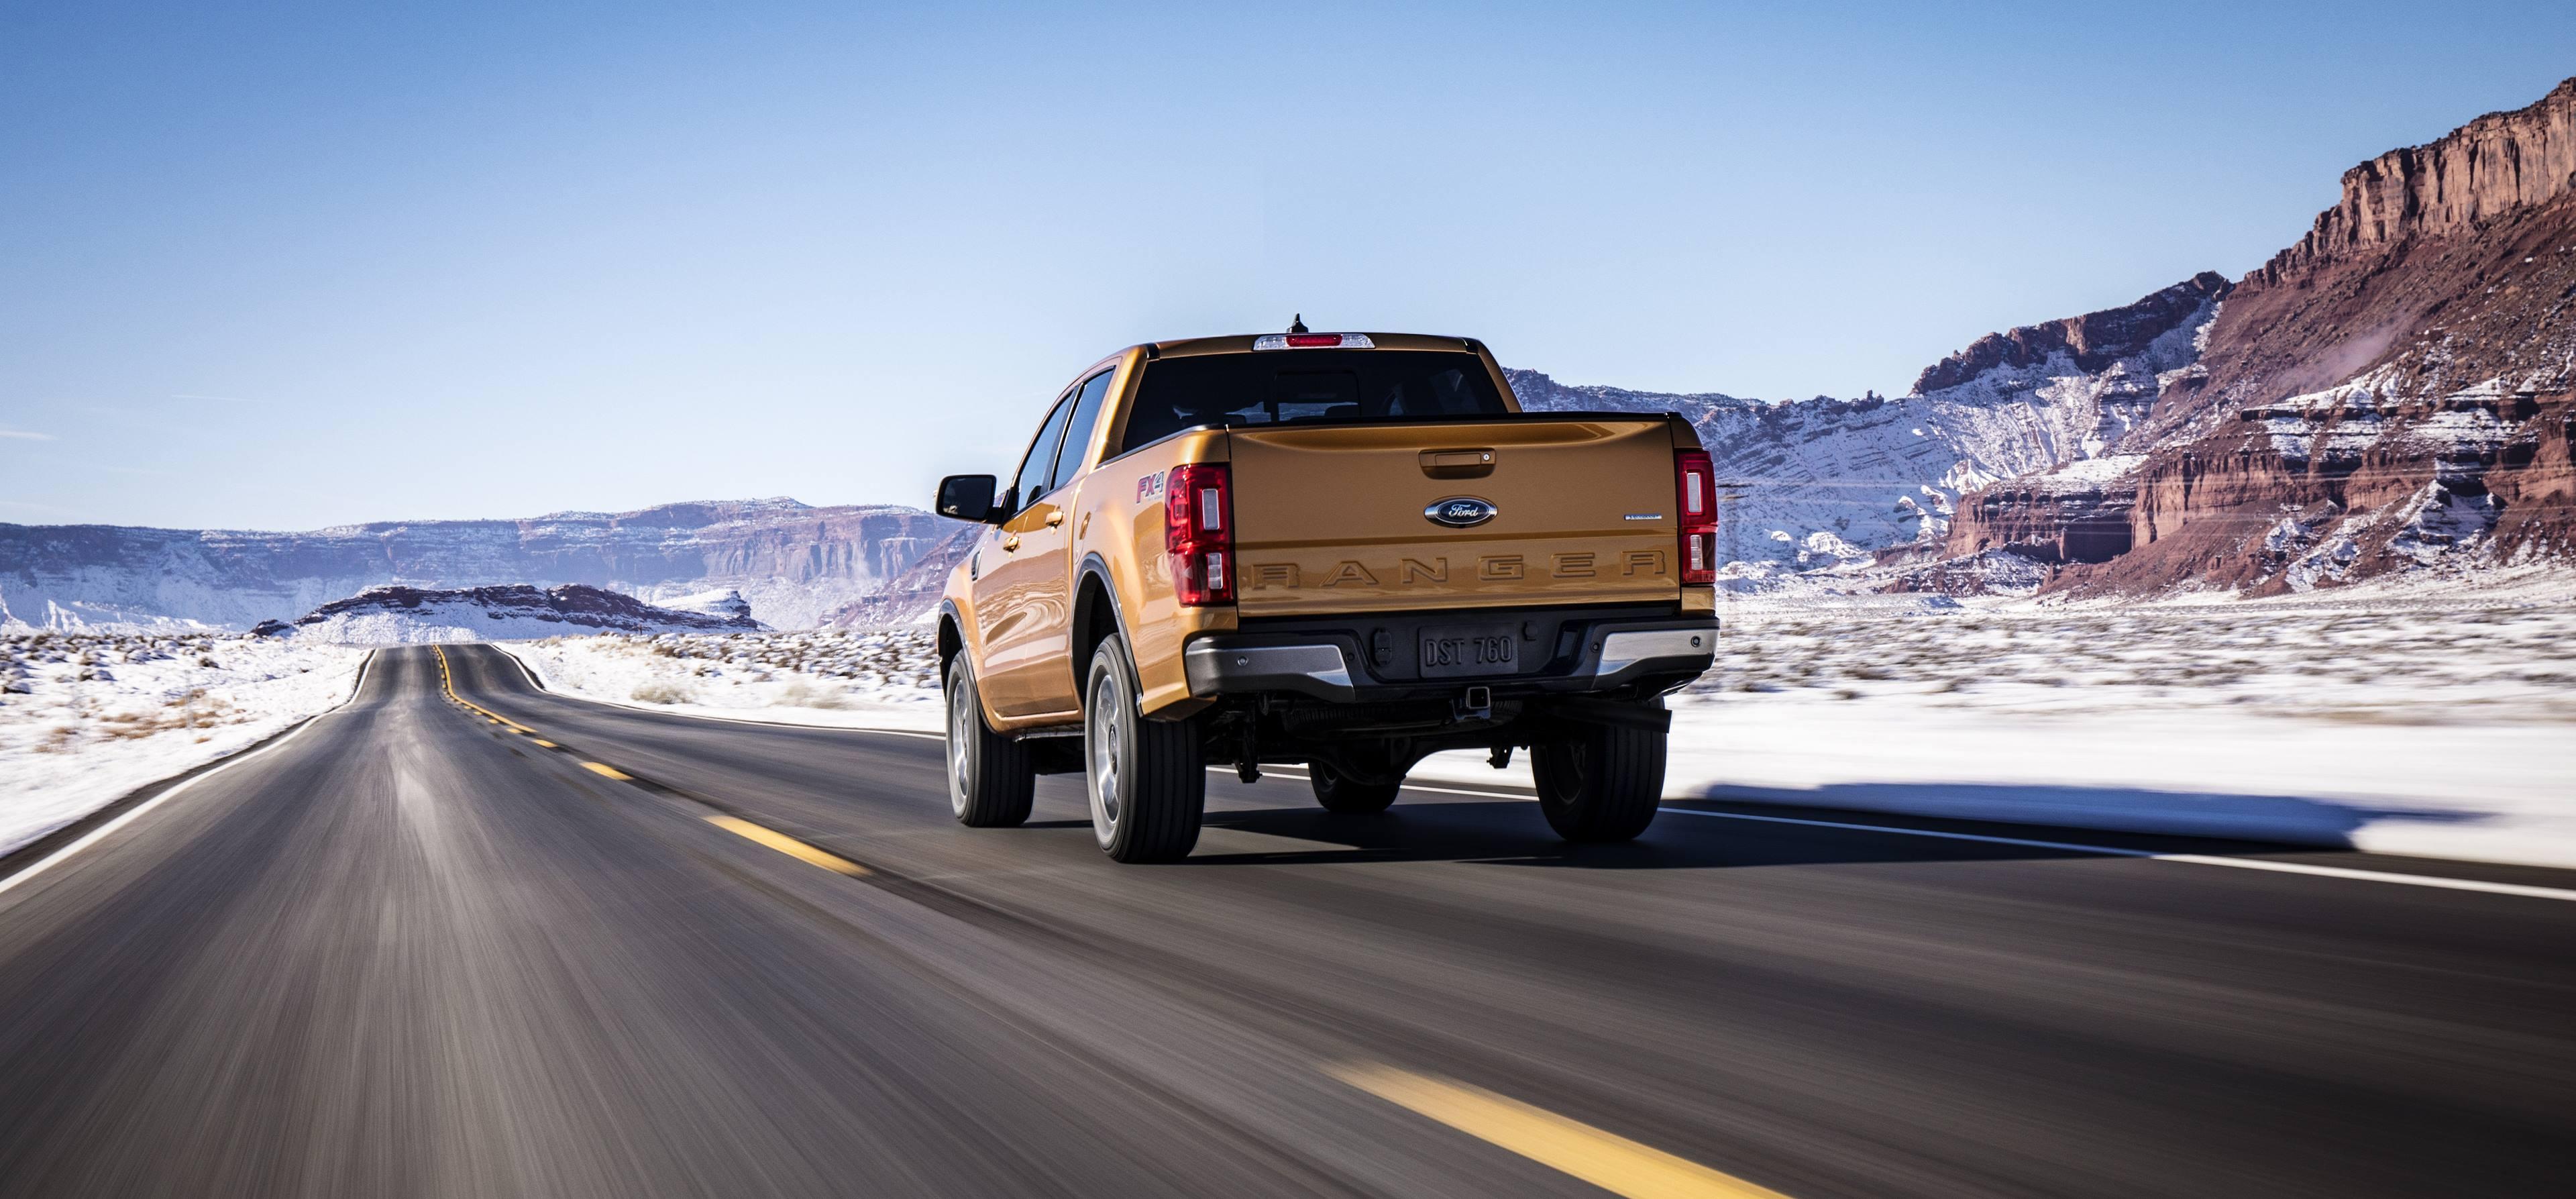 2019 Ford Ranger drving